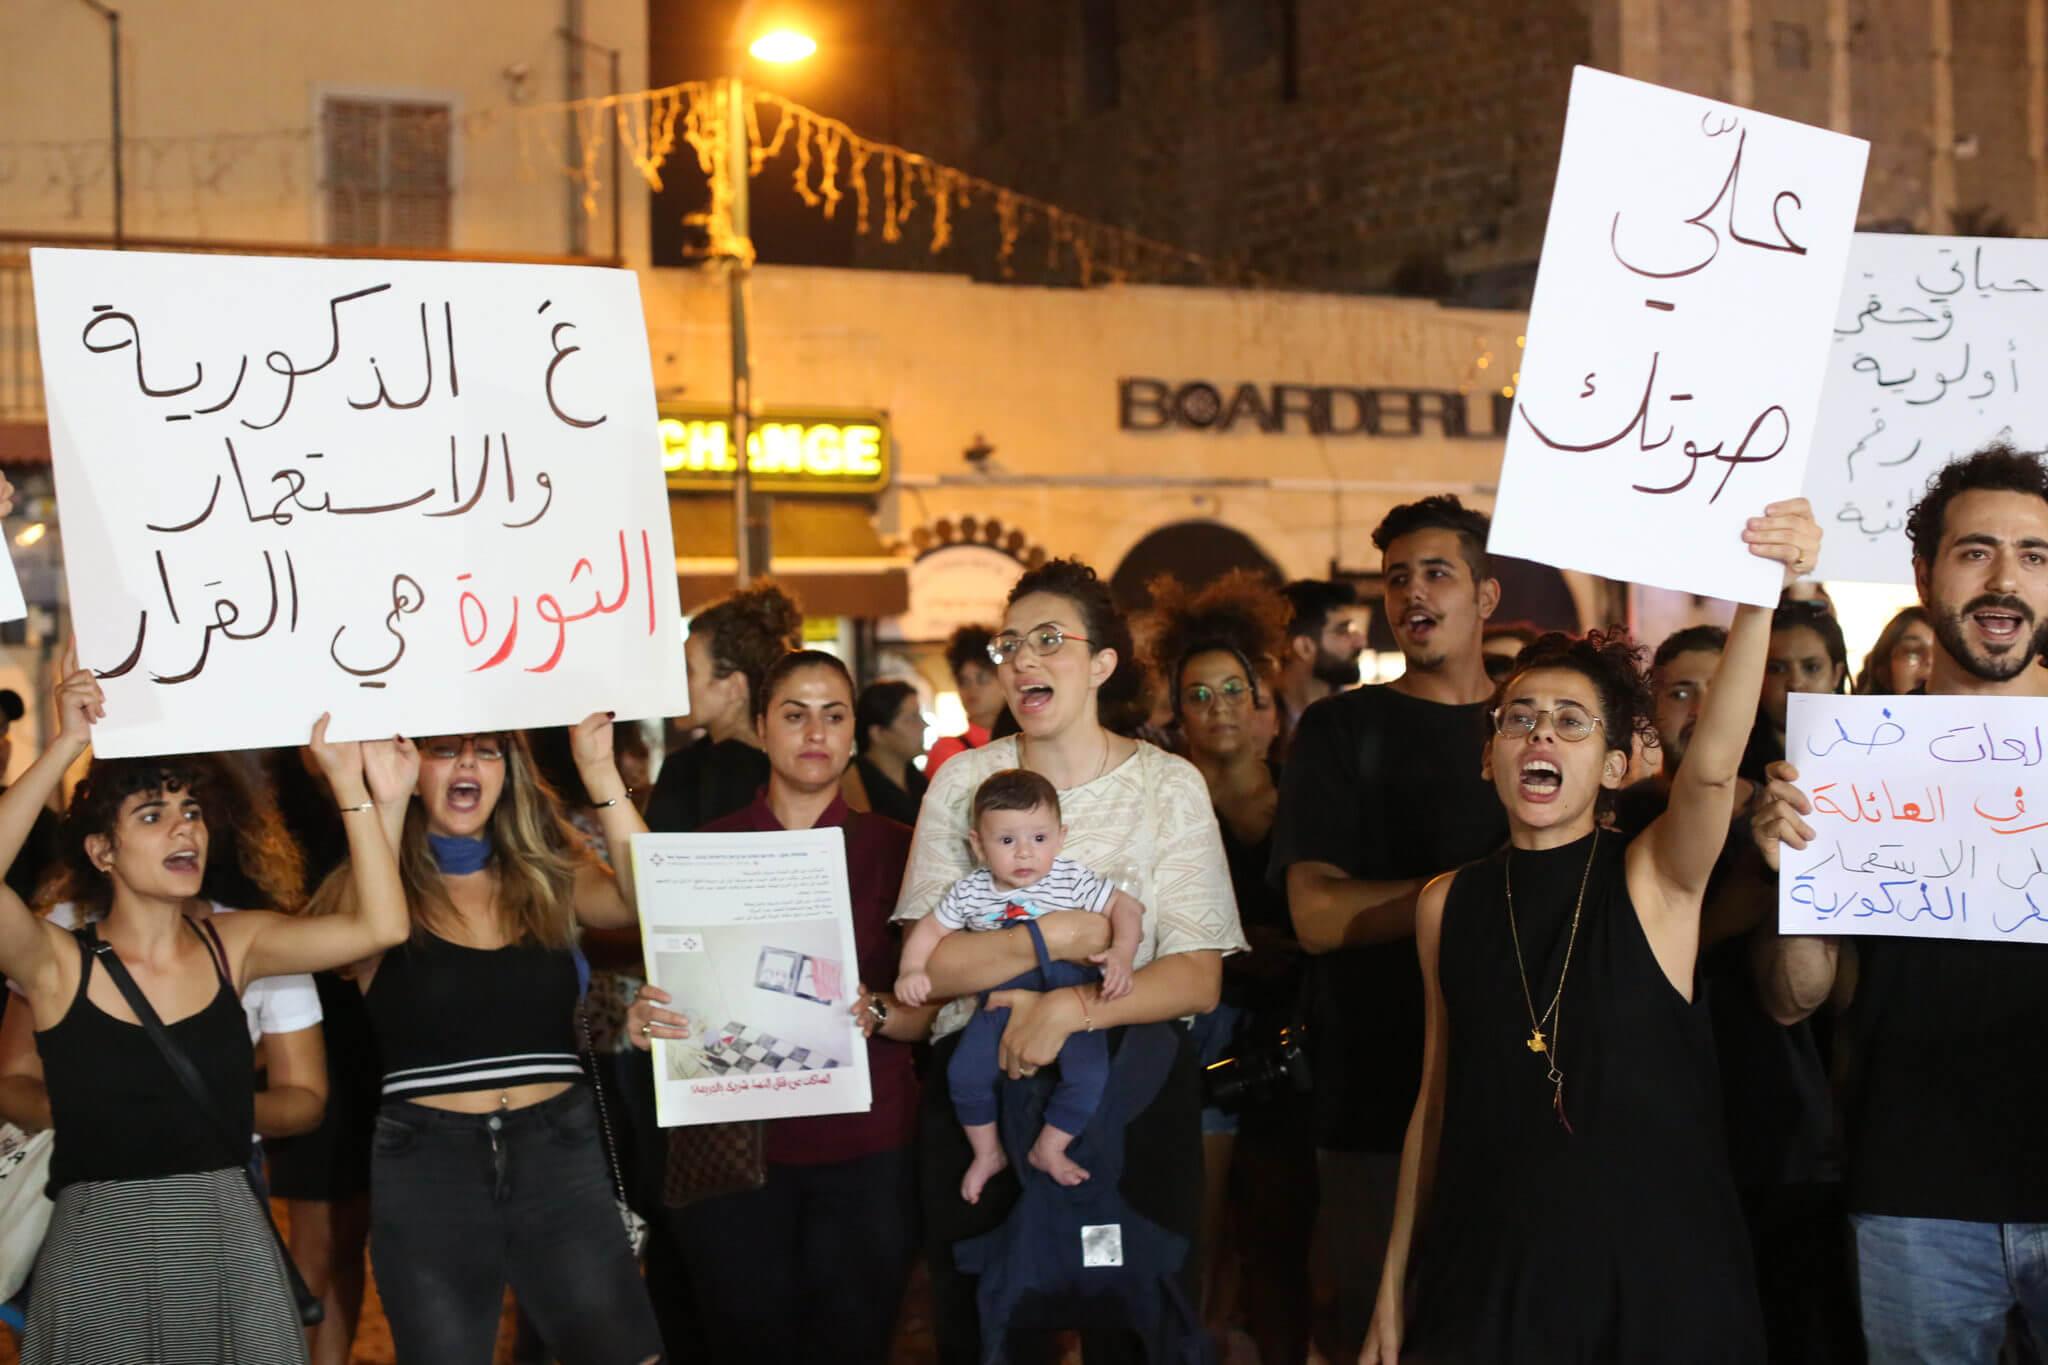 Jaffa city, Sep 26, 2019. Photo by Keren Manor/ Activestills.org